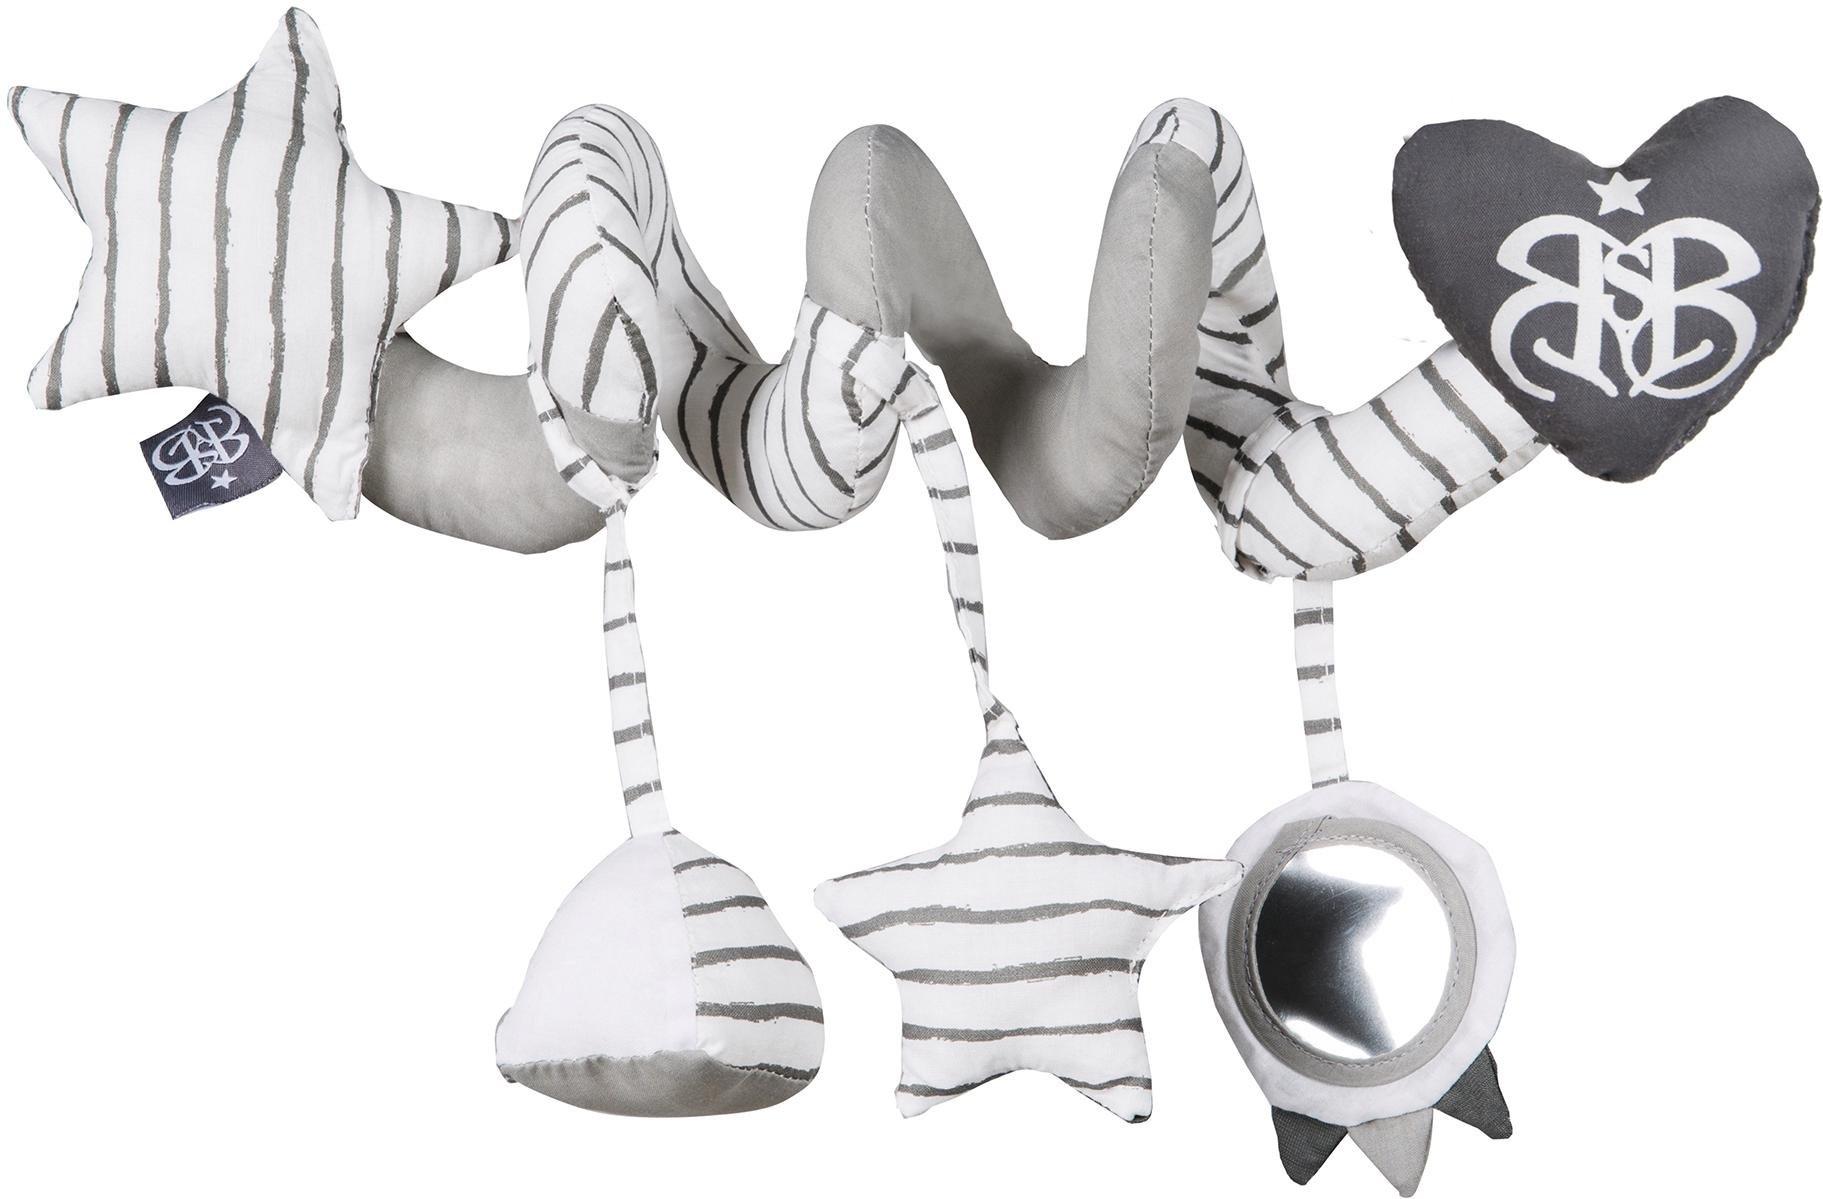 Roba speelspiraal, »Activity Spiraal Rock Star Baby 3« nu online kopen bij OTTO